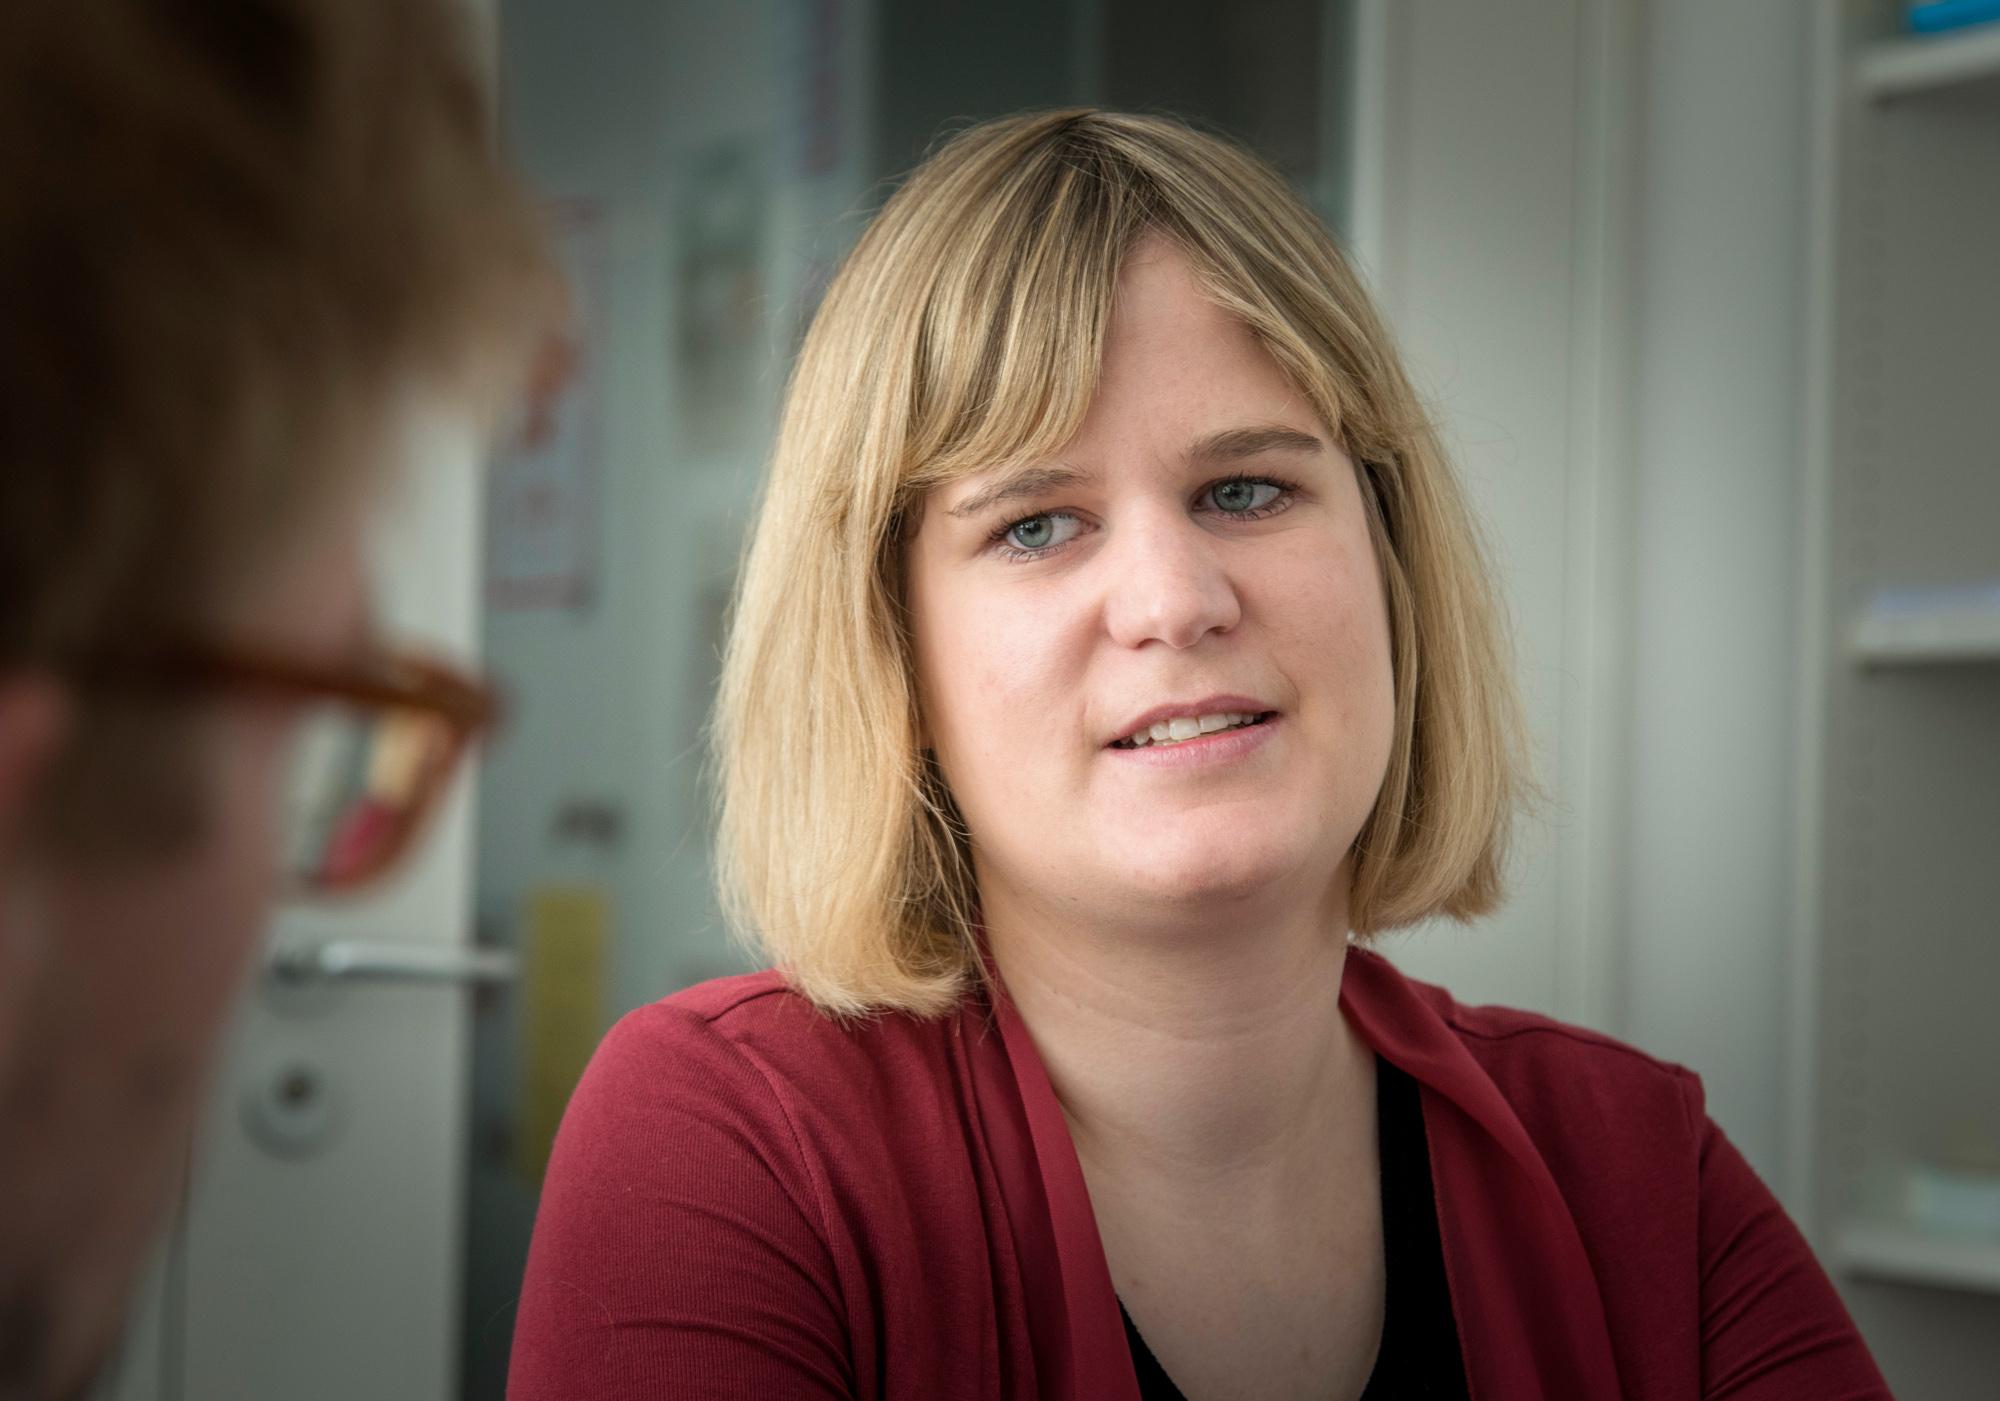 Seit 2006 als Freiwillige mit dabei: Die 27-jährige Jus-Studentin Danielle Breitenbücher.